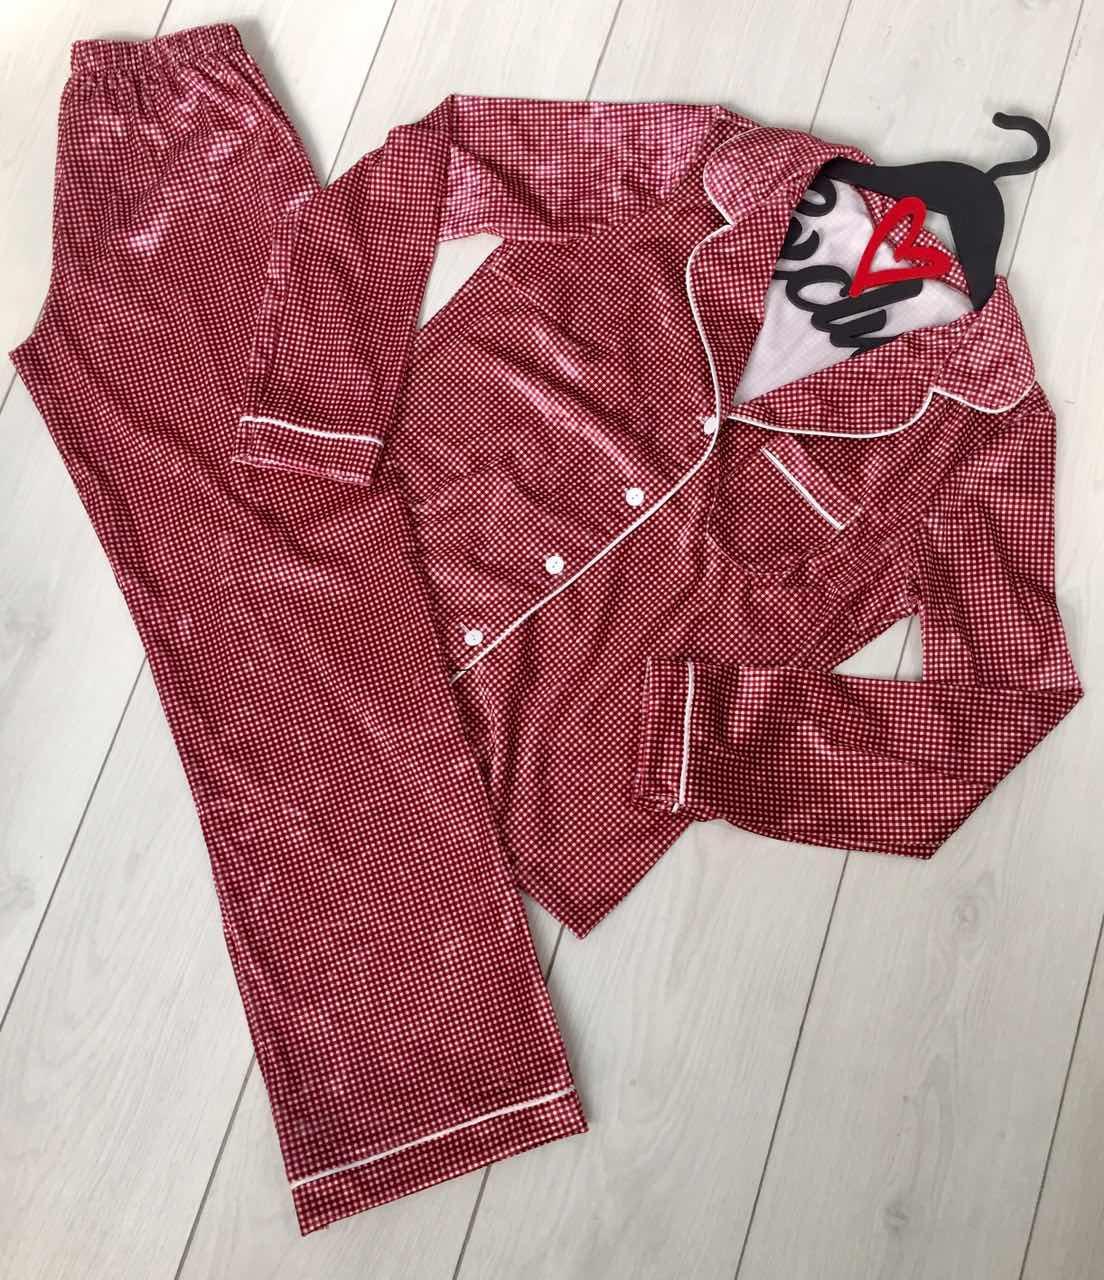 8a264f04cea0 Велюровая пижама в клетку рубашка и штаны женская,одежда для дома и сна